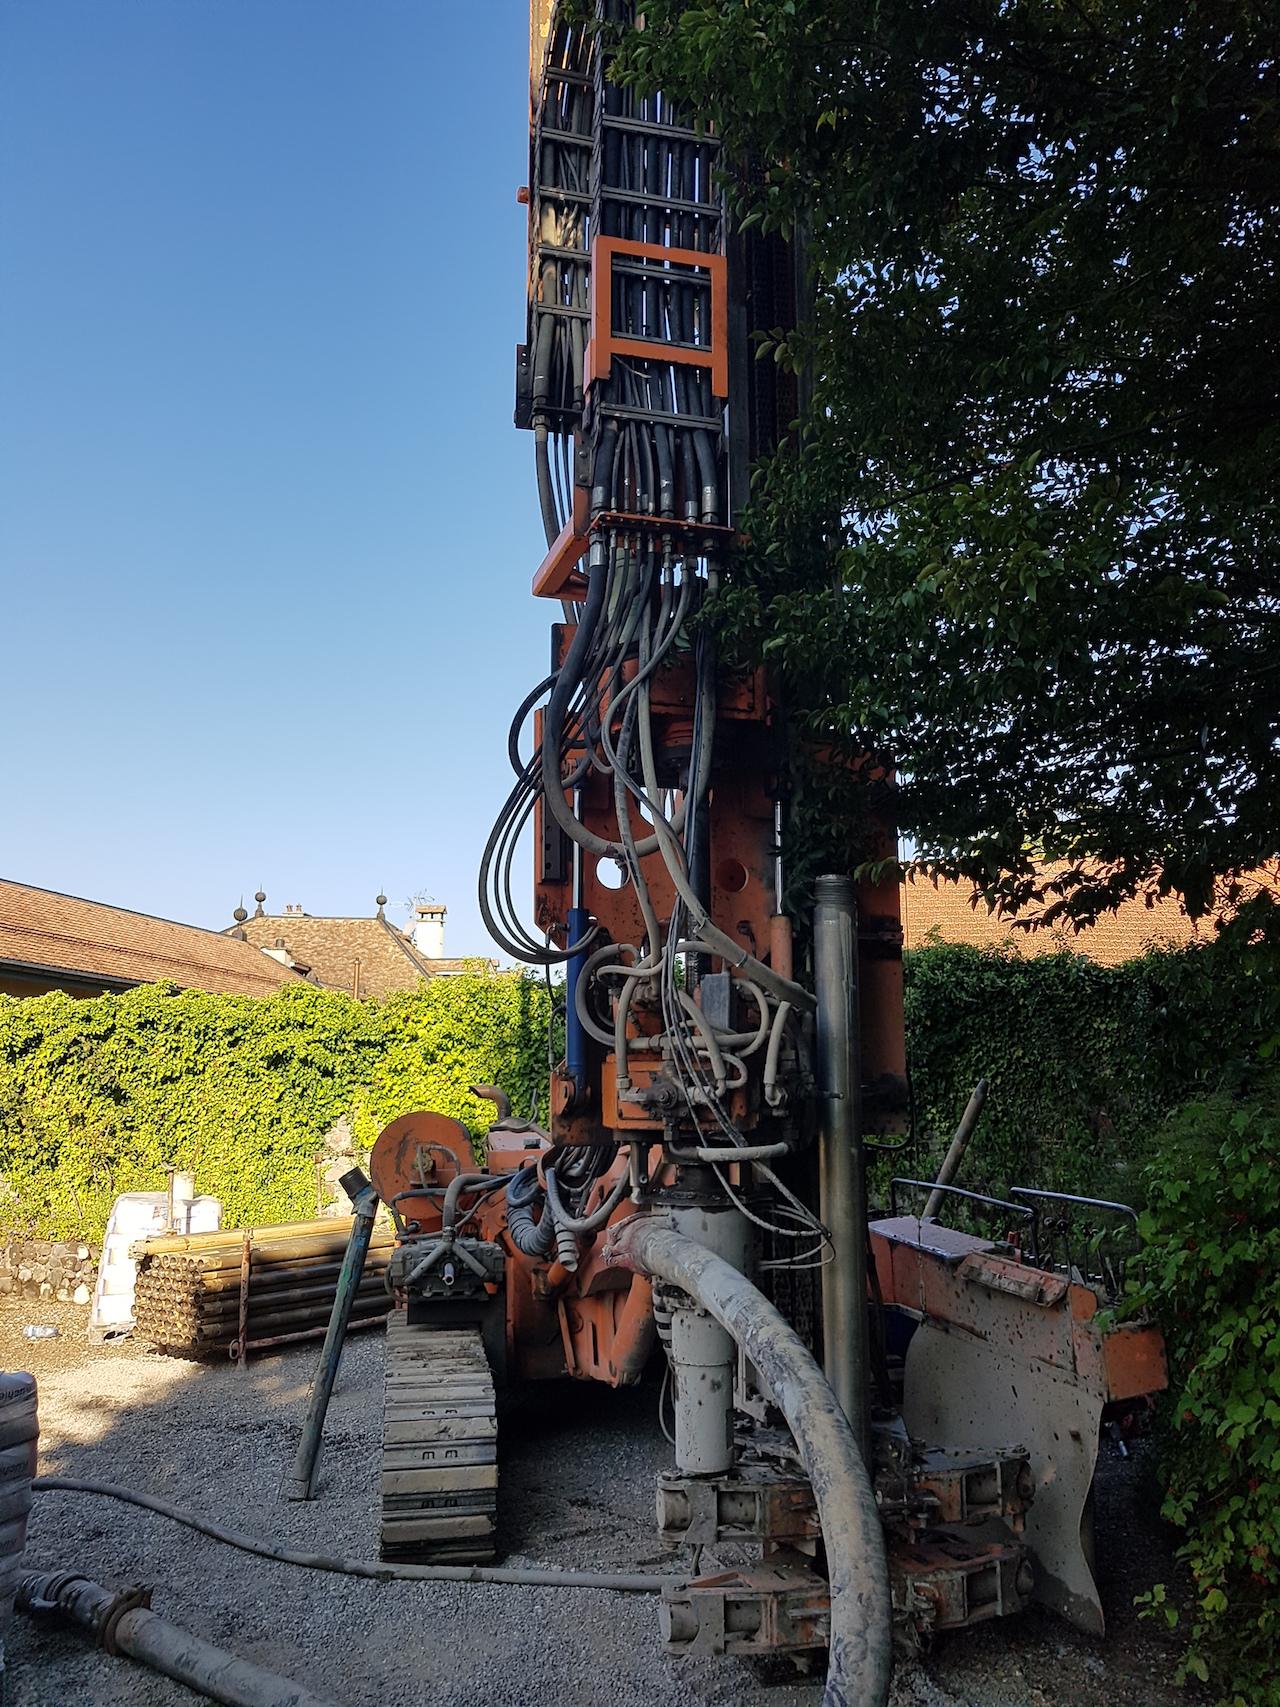 CSDK Chauffage par géothermie Cara 2 - Engagement durable - CSDK Chauffage par géothermie Cara 2